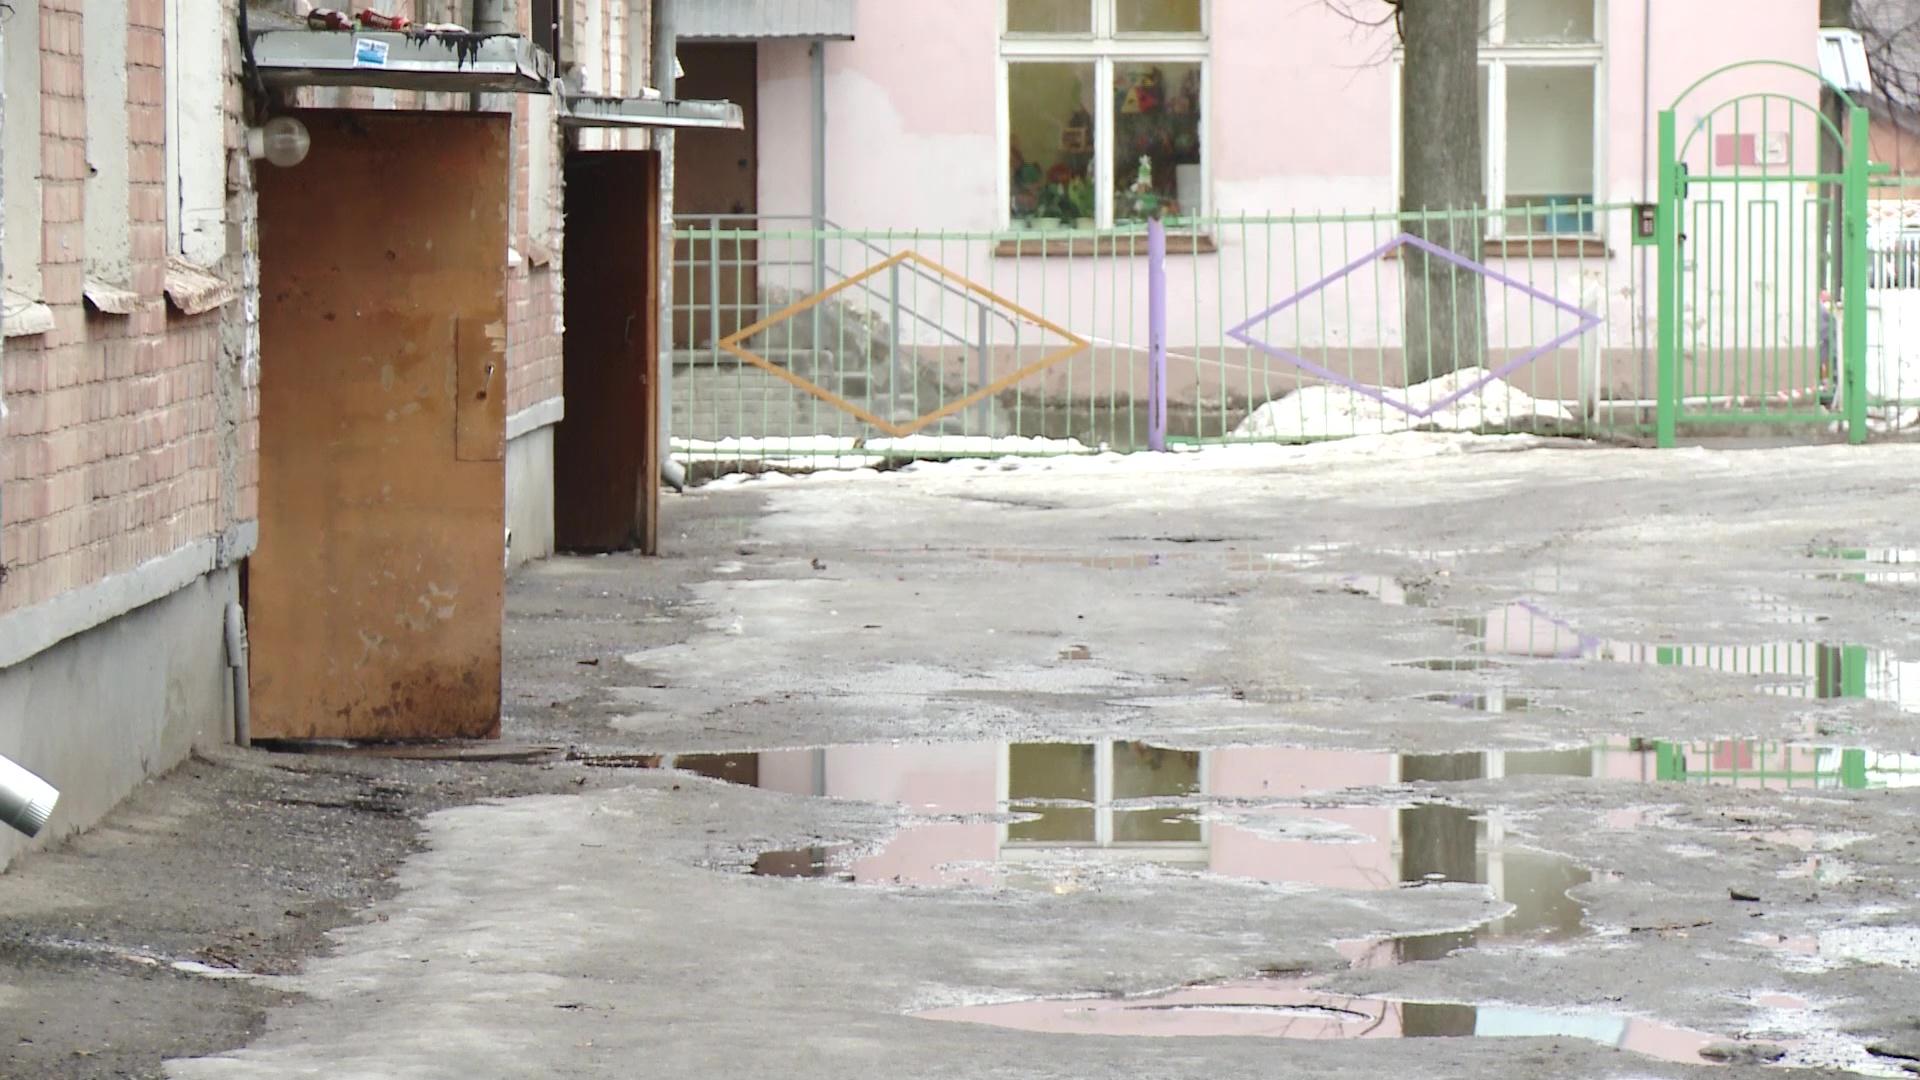 Каждый год одно и то же: жители ярославского дома жалуются на вечно затопленный подъезд